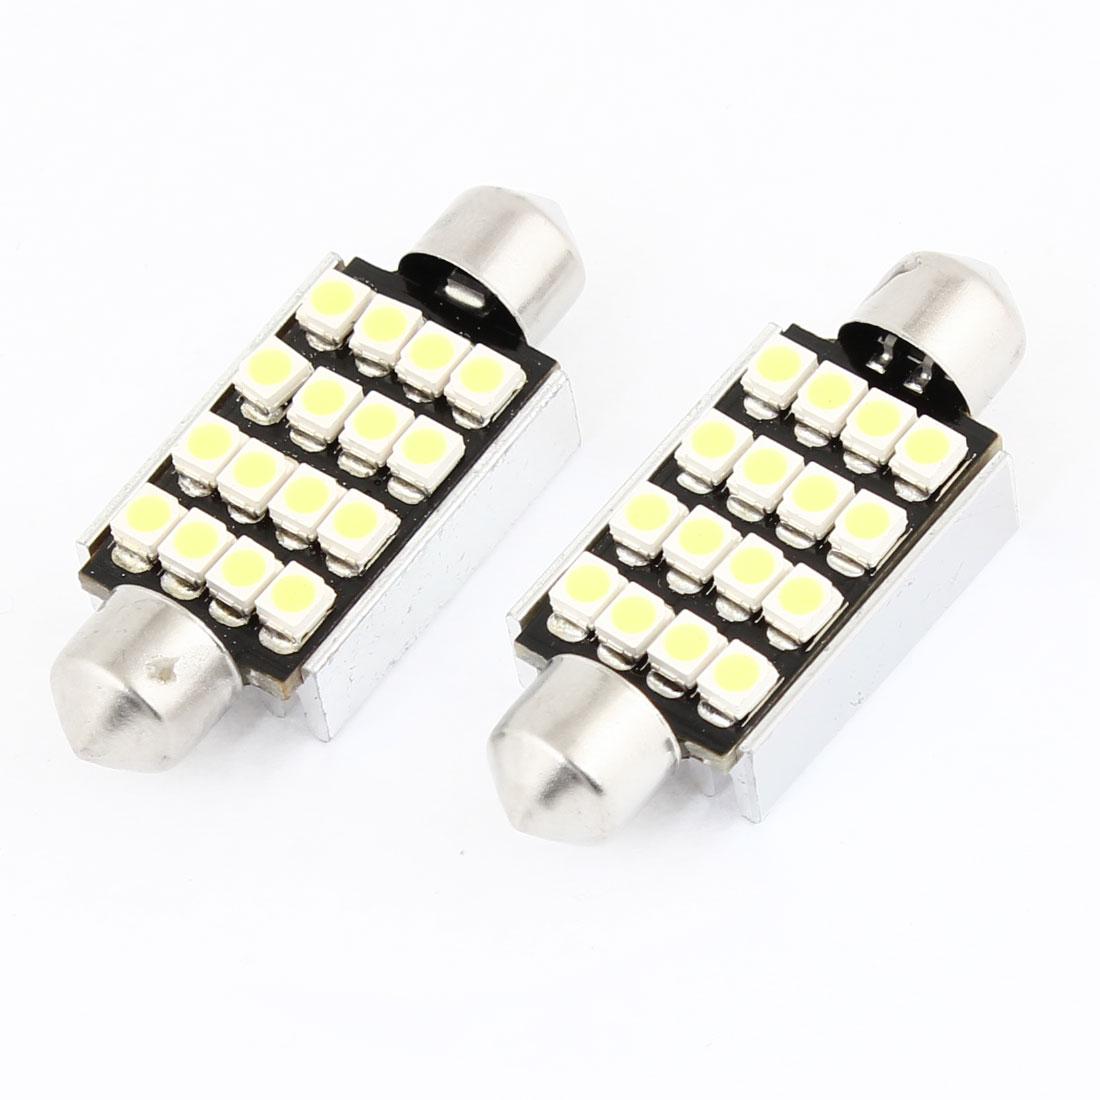 2 Pcs 41mm No Error White 16 LED 3528 SMD Festoon Light Dome Lamp Bulb for Car